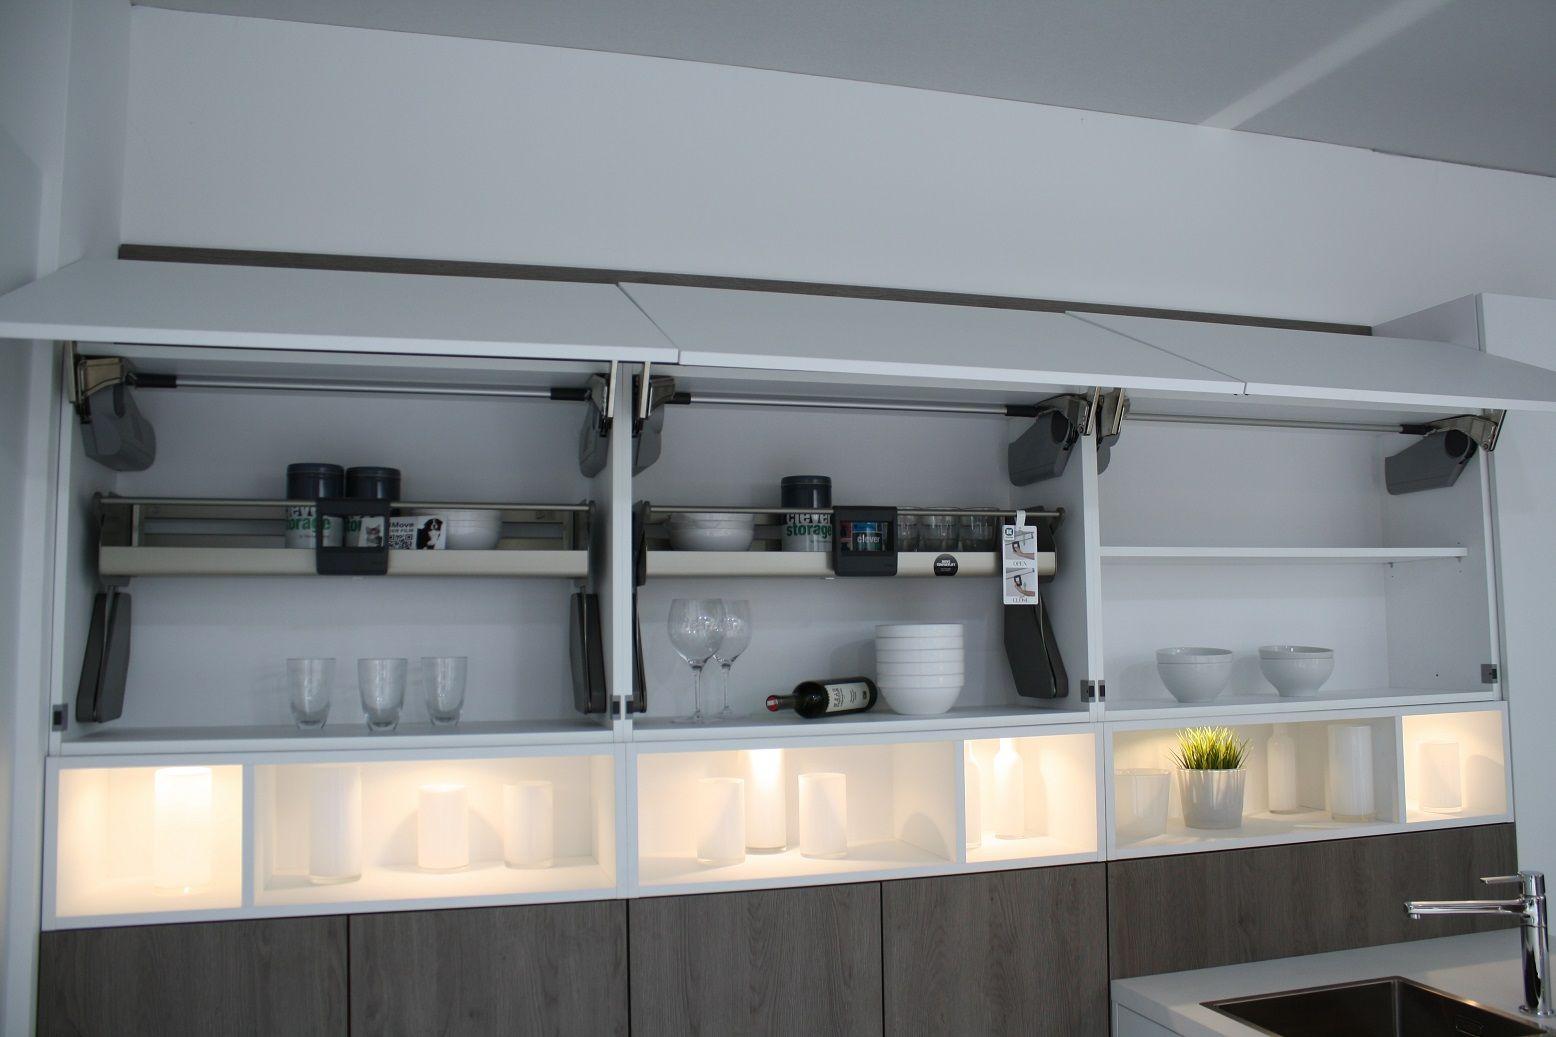 Mooie grote keuken 6.6